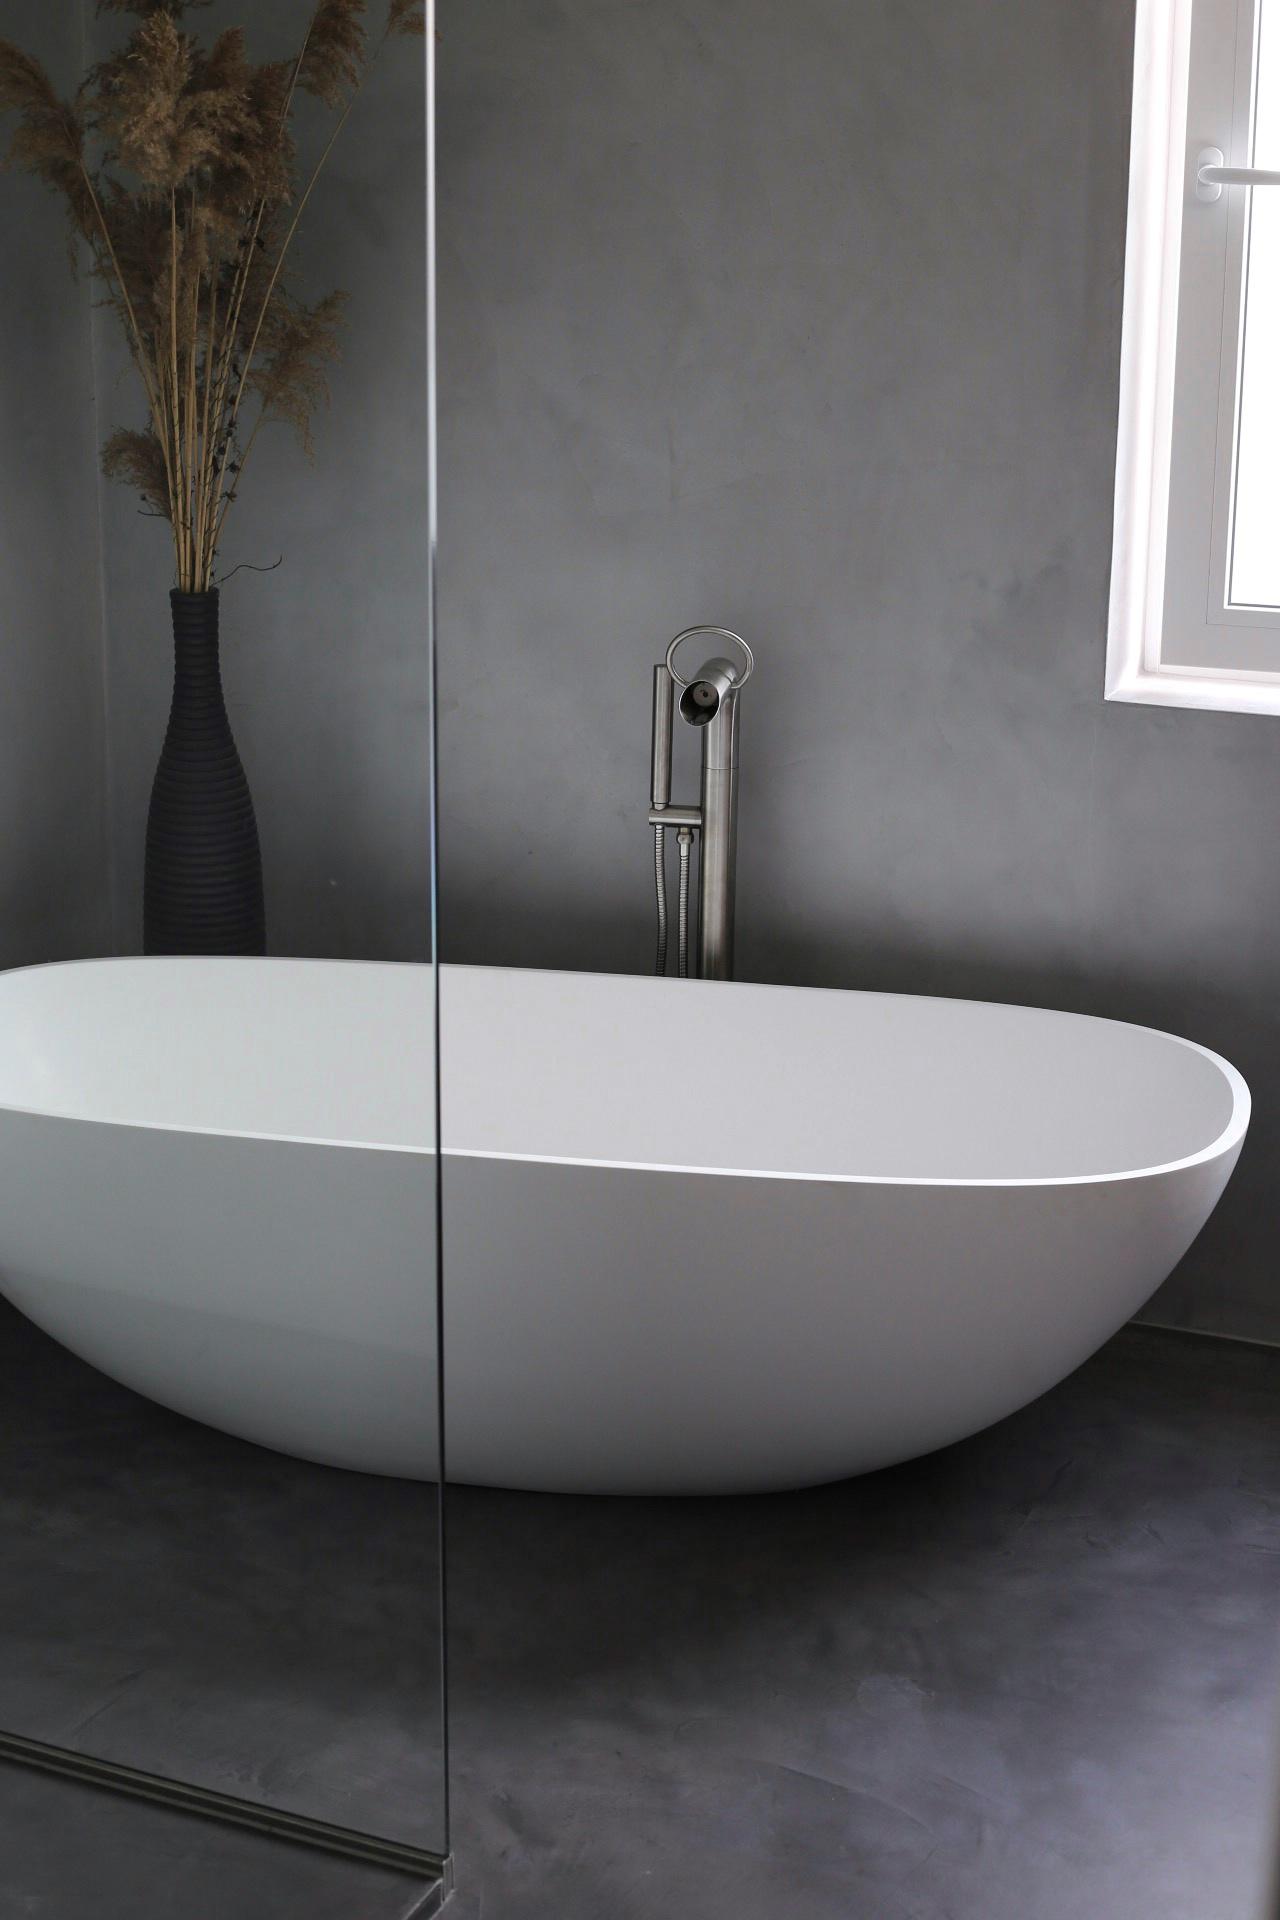 Beton-Cire Beton Optik Badezimmer Beton Style Betonoptik Sanierung Hausbau bauen Betonstyle badsanierung bad